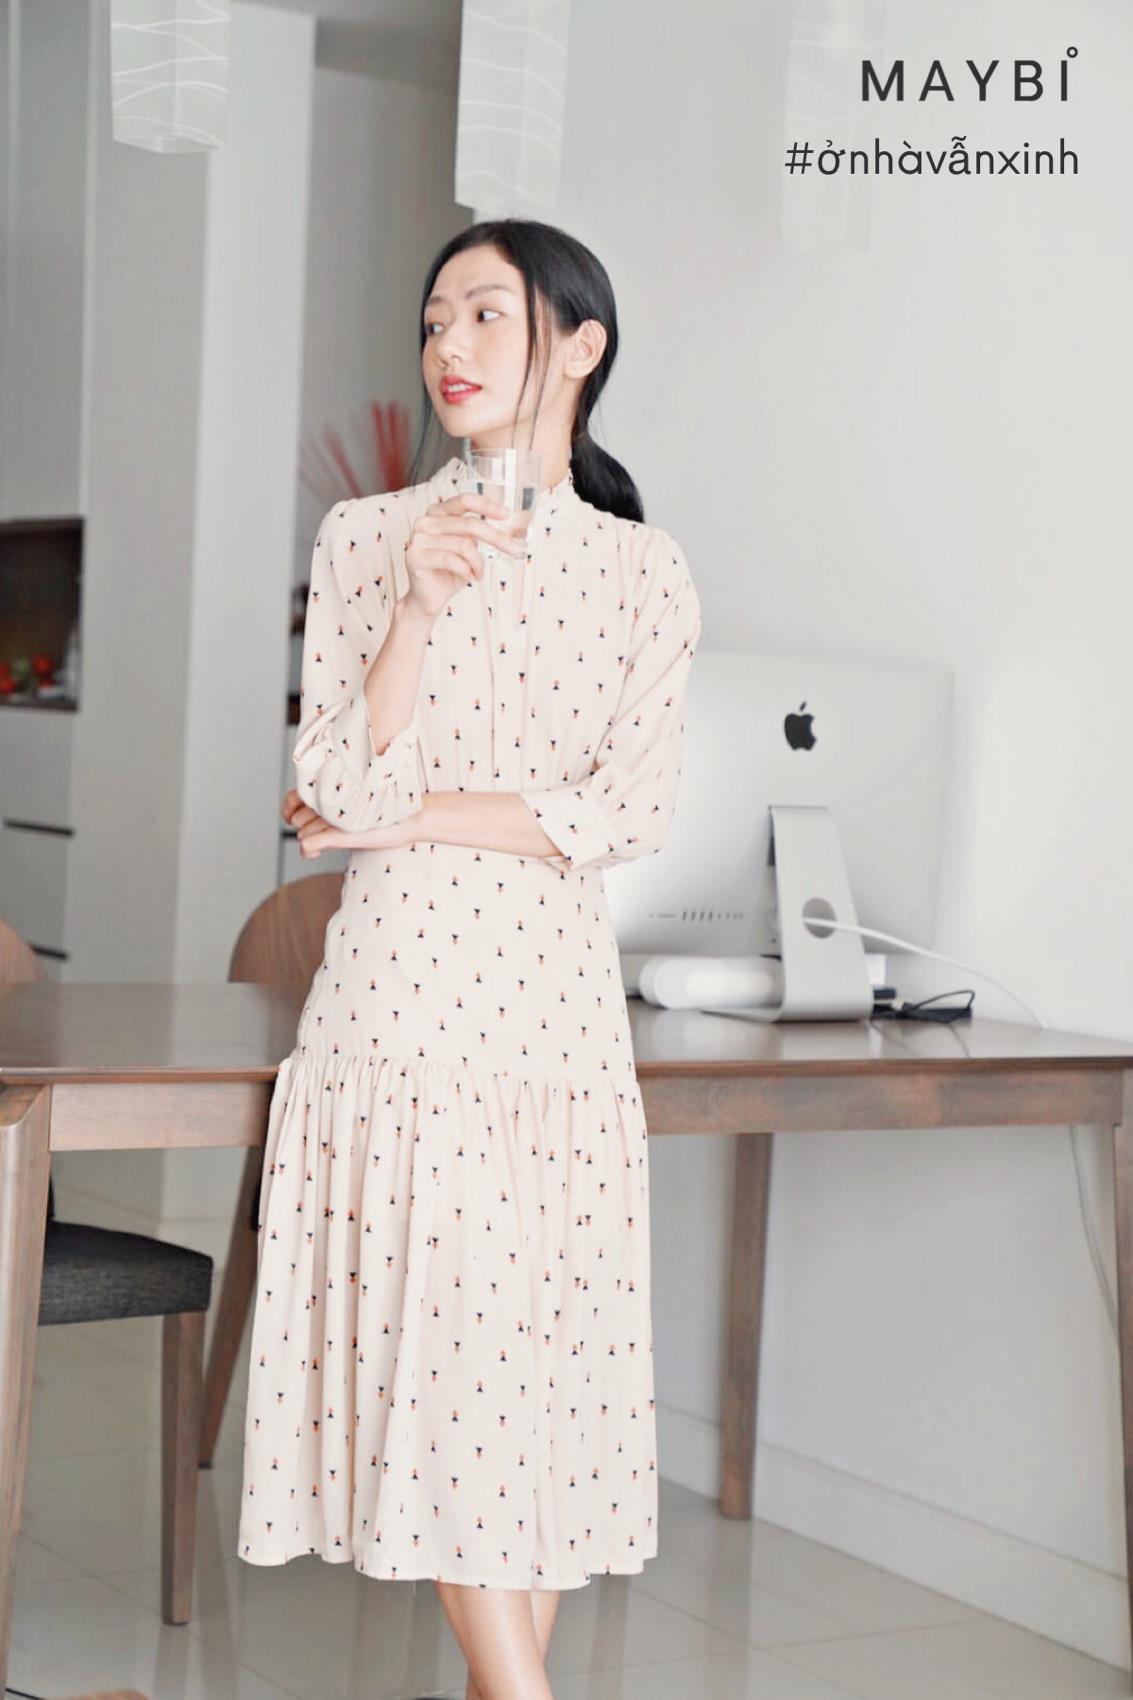 """Maybi - Thương hiệu thời trang Việt và tư duy """"sáng tạo, thích nghi"""" để vượt qua mùa dịch - Ảnh 3."""